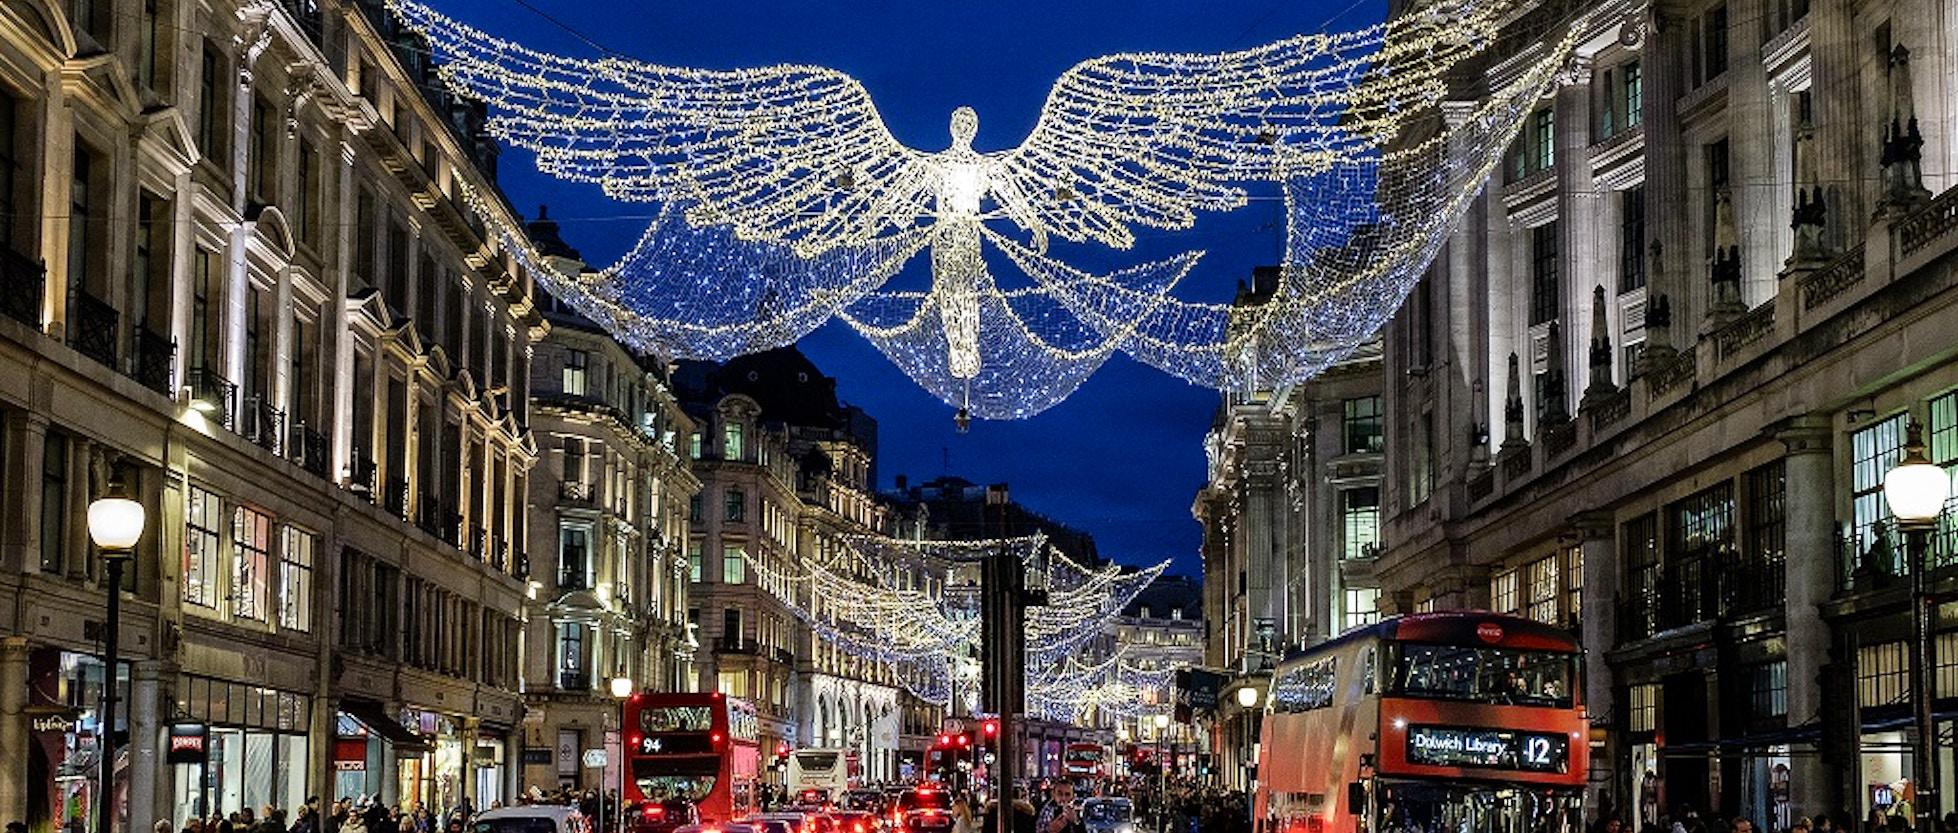 Immagini Londra Natale.Guida Al Natale 2019 A Londra Cose Da Fare Vivi Londra